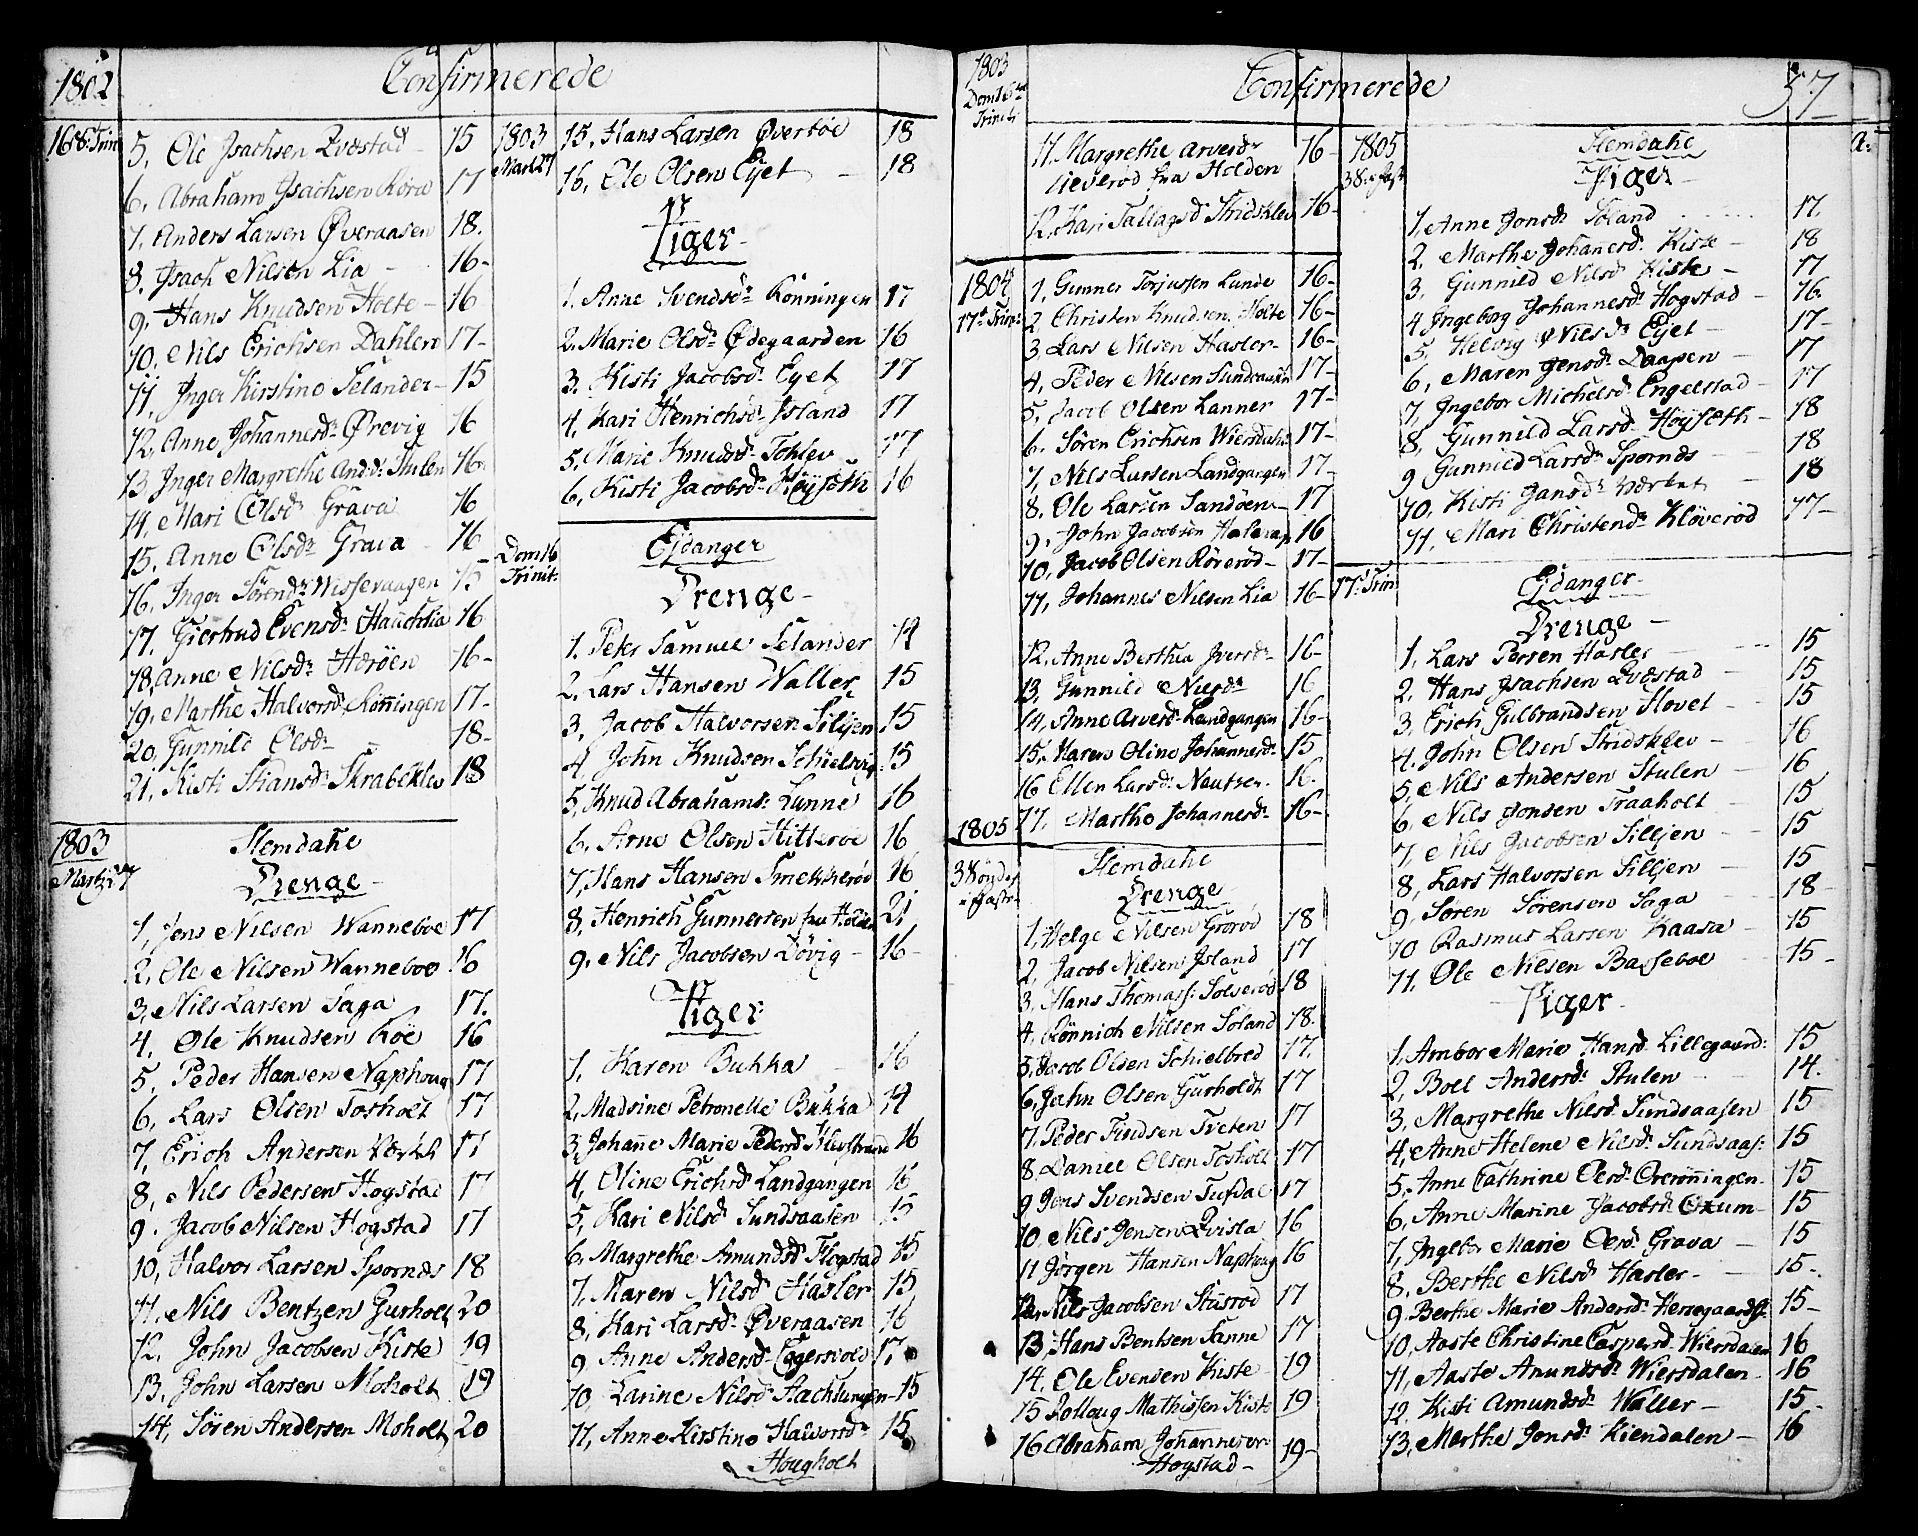 SAKO, Eidanger kirkebøker, F/Fa/L0006: Ministerialbok nr. 6, 1764-1814, s. 57